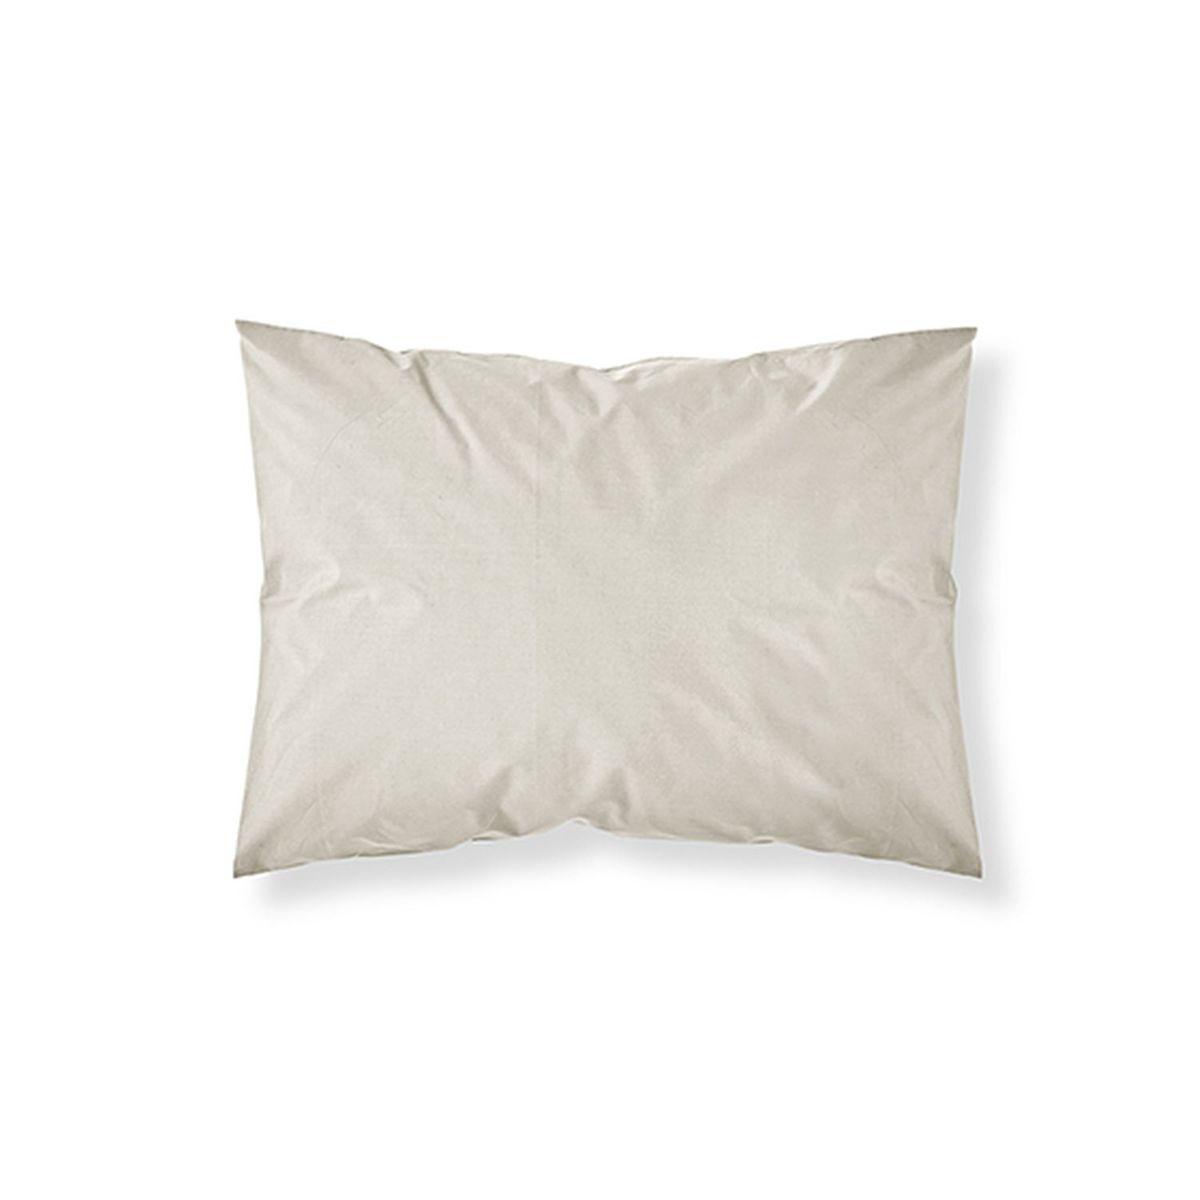 Taie d'oreiller gris anthracite , 100% coton 57 fils 75 x 75 cm